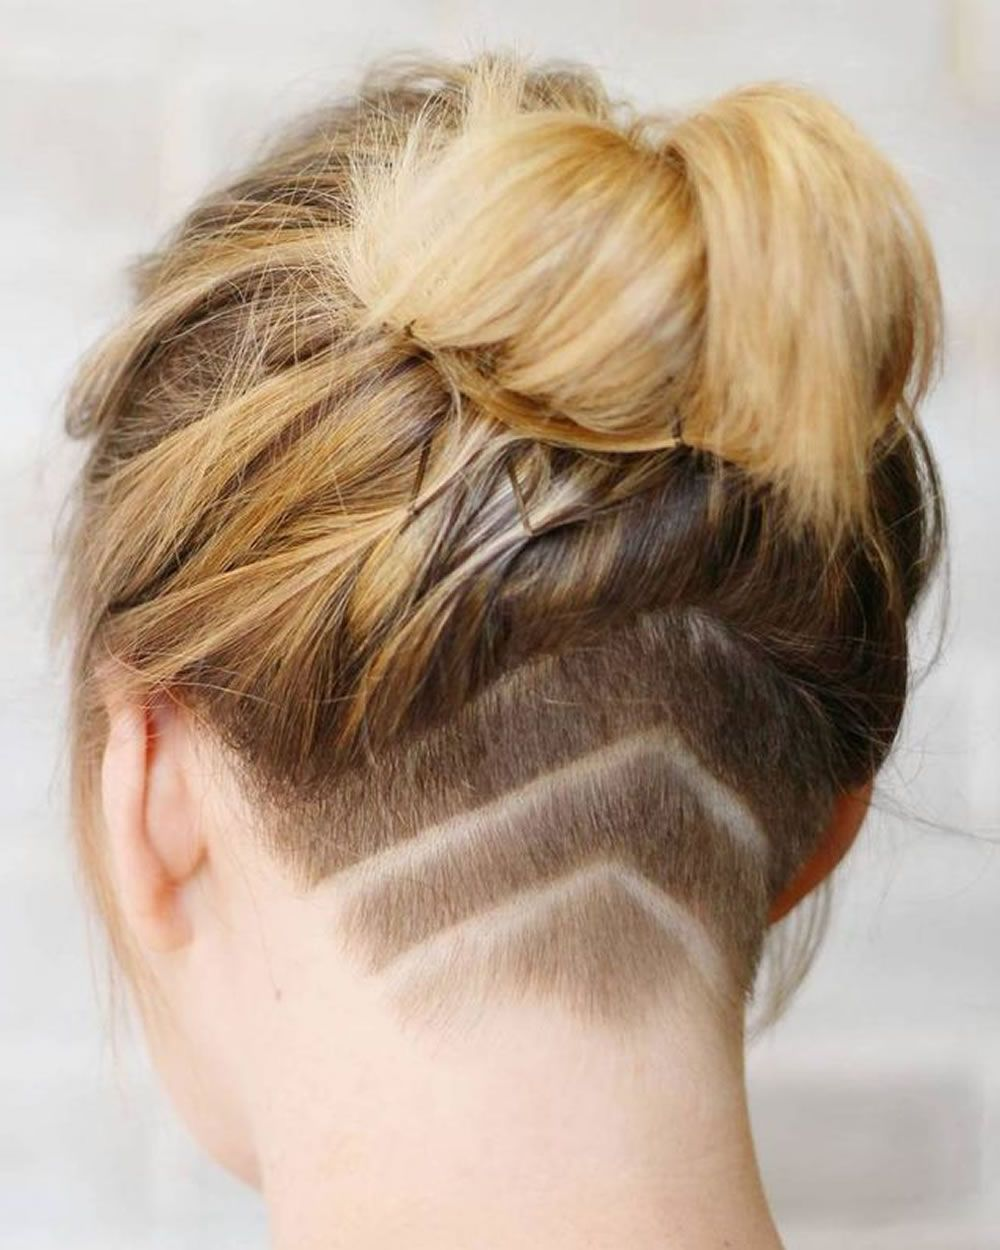 Extreme Nape Rasur Bob Frisuren Und Frisuren Fur Frauen Extreme Frauen Frisuren Rasur Rasurfrisuren Styling Kurzes Haar Bob Frisur